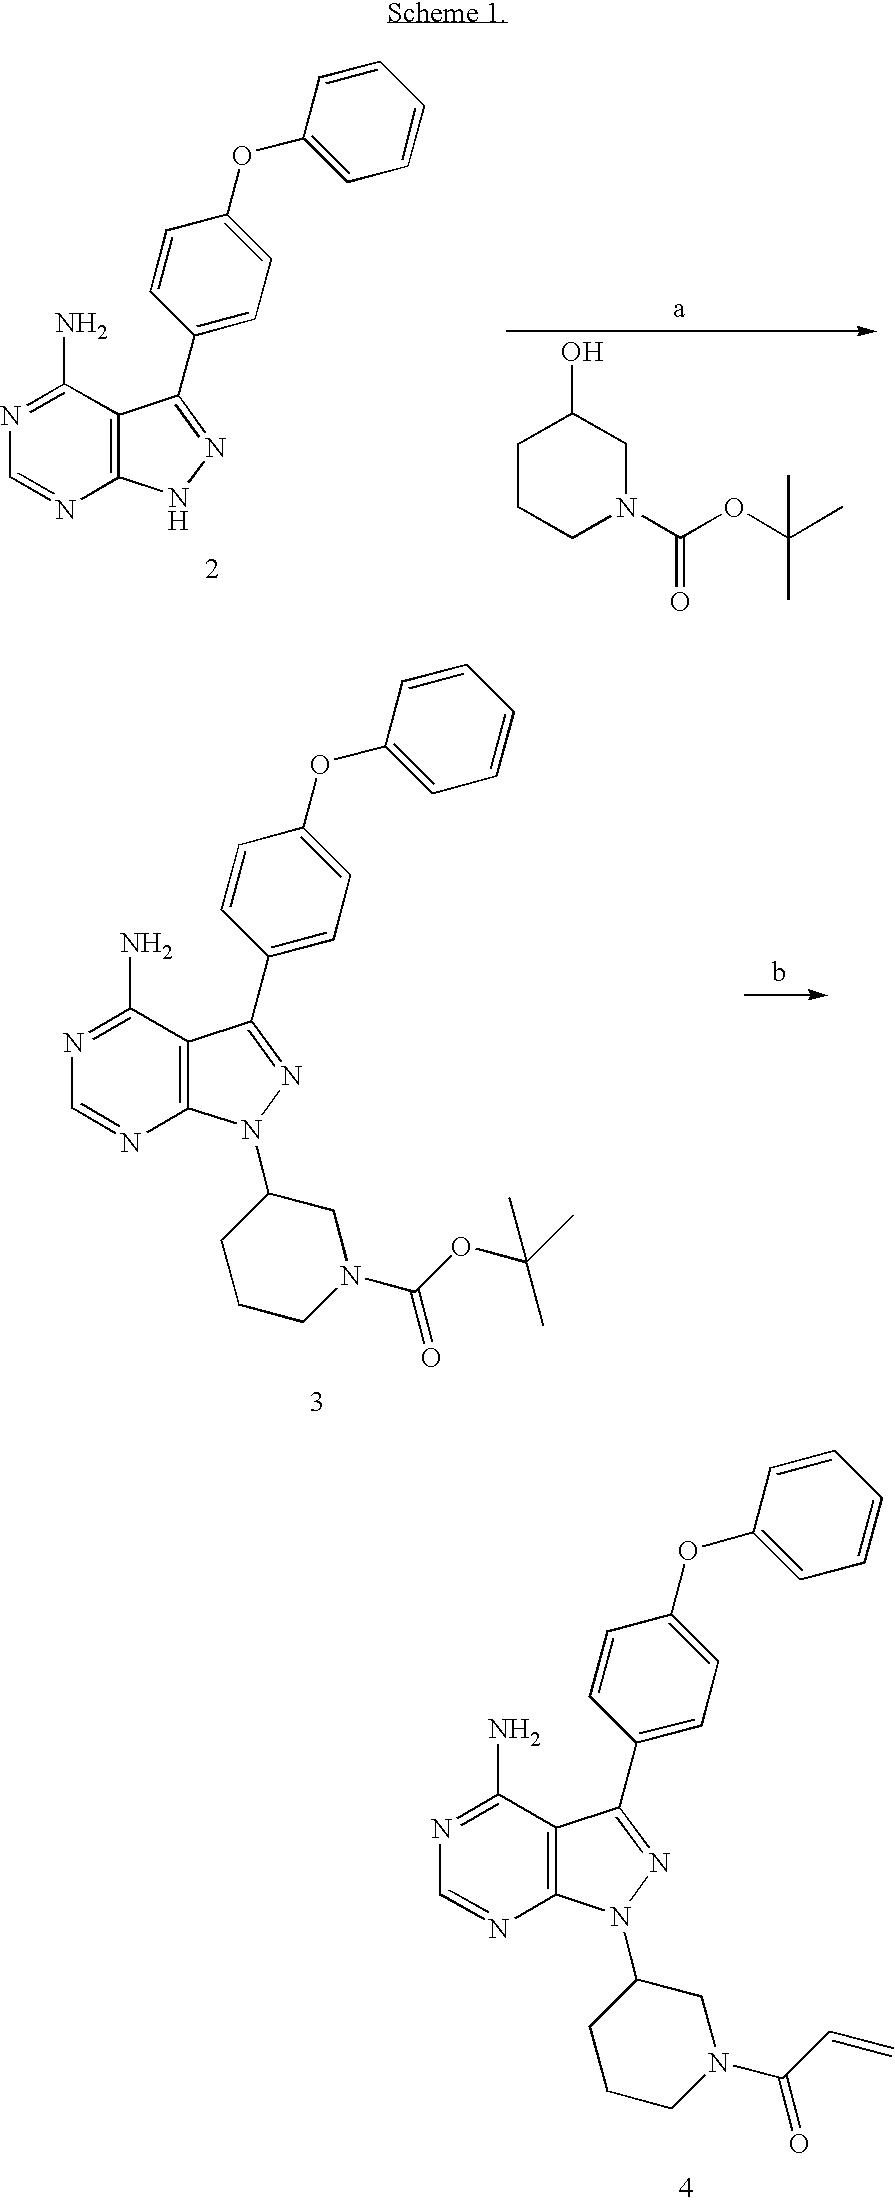 Figure US07514444-20090407-C00034